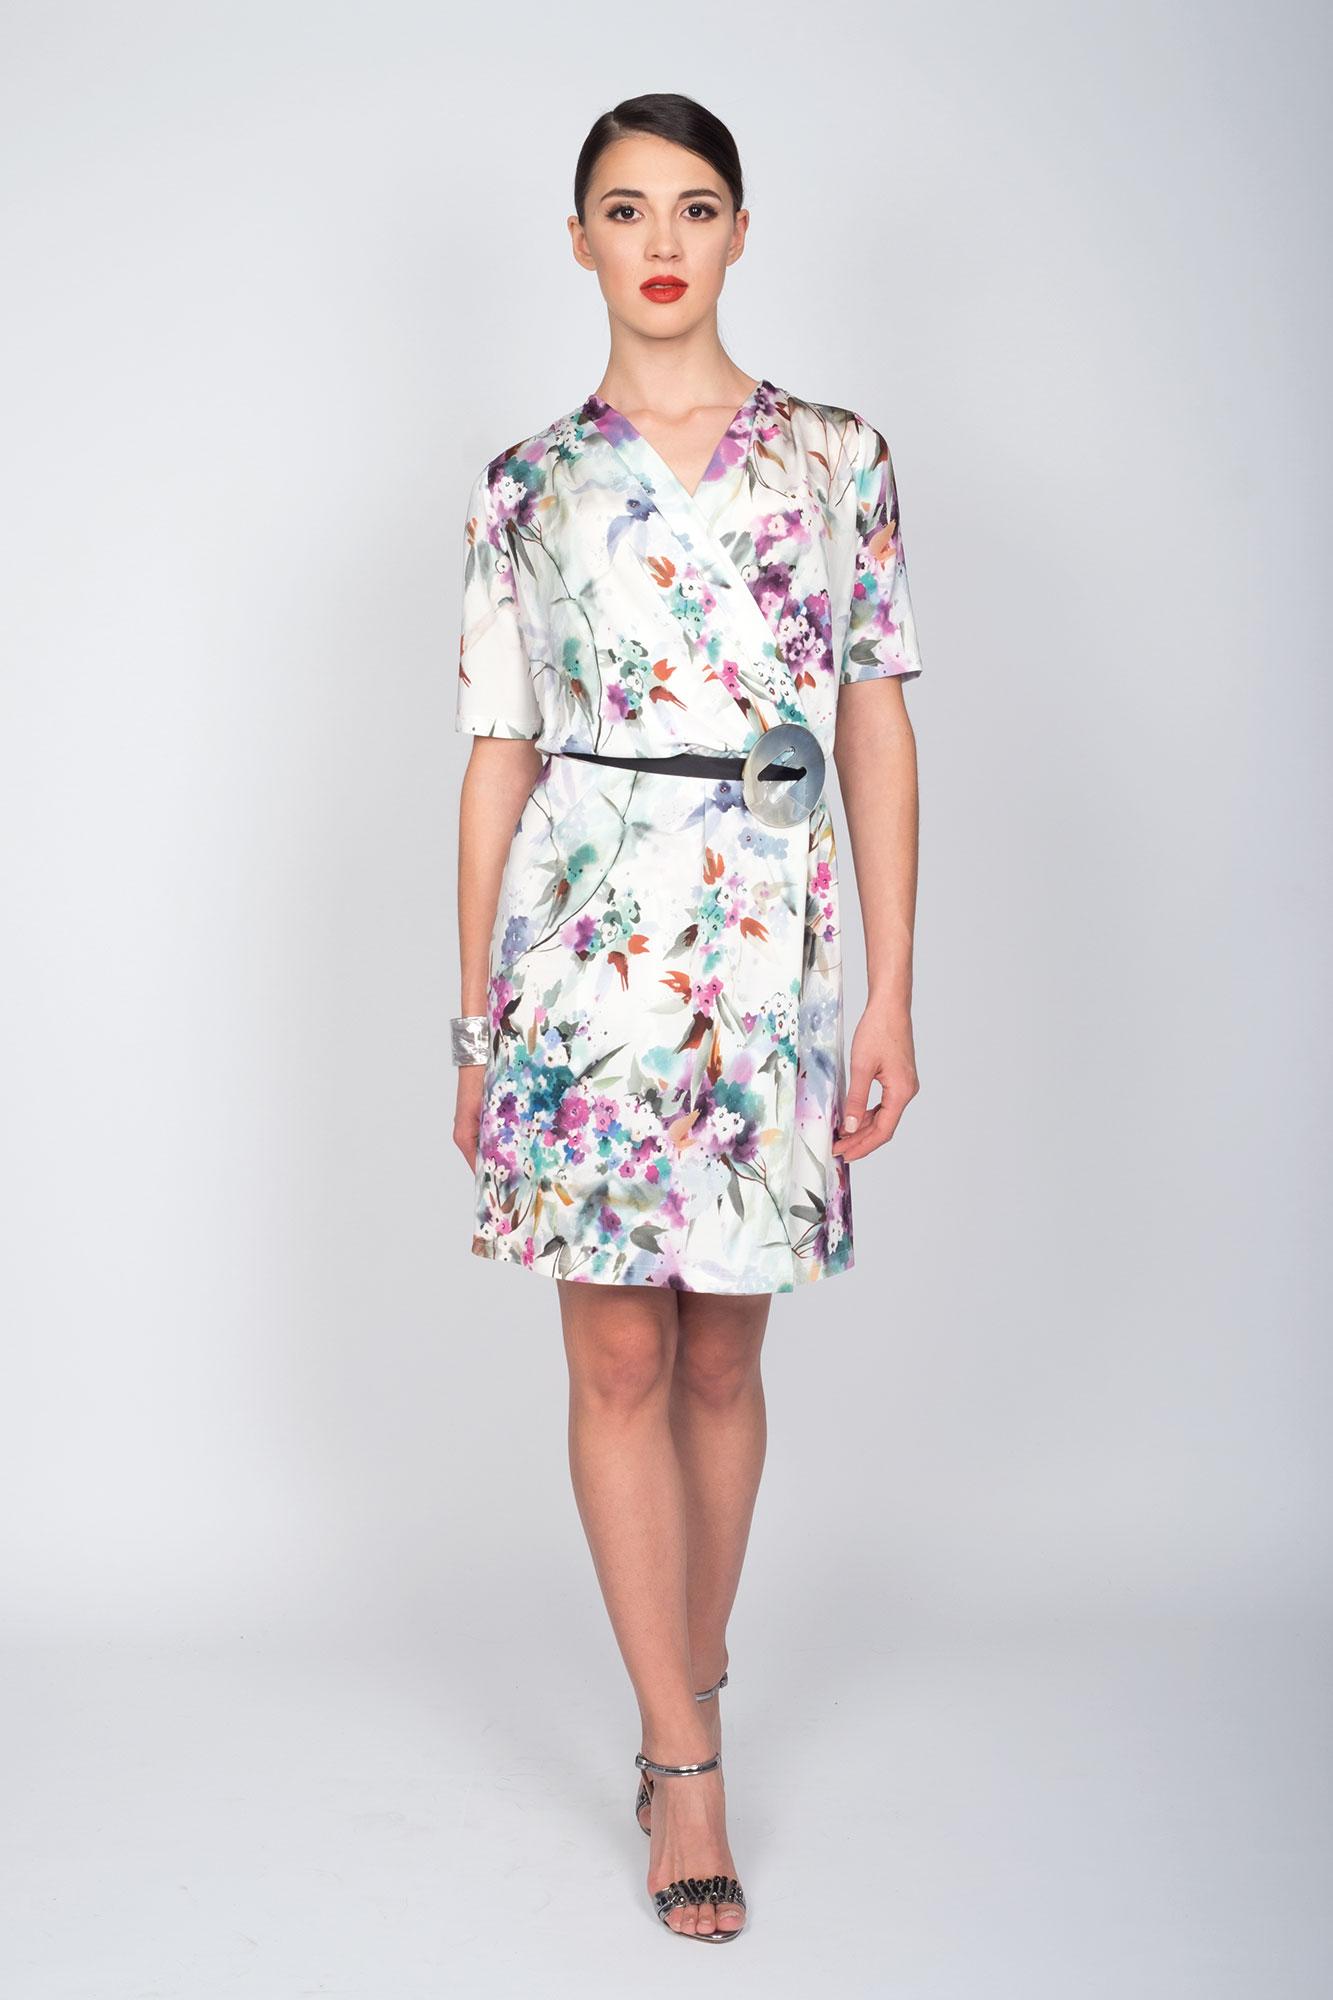 Creative Models - Servizio fotografico abbigliamento moda - 35